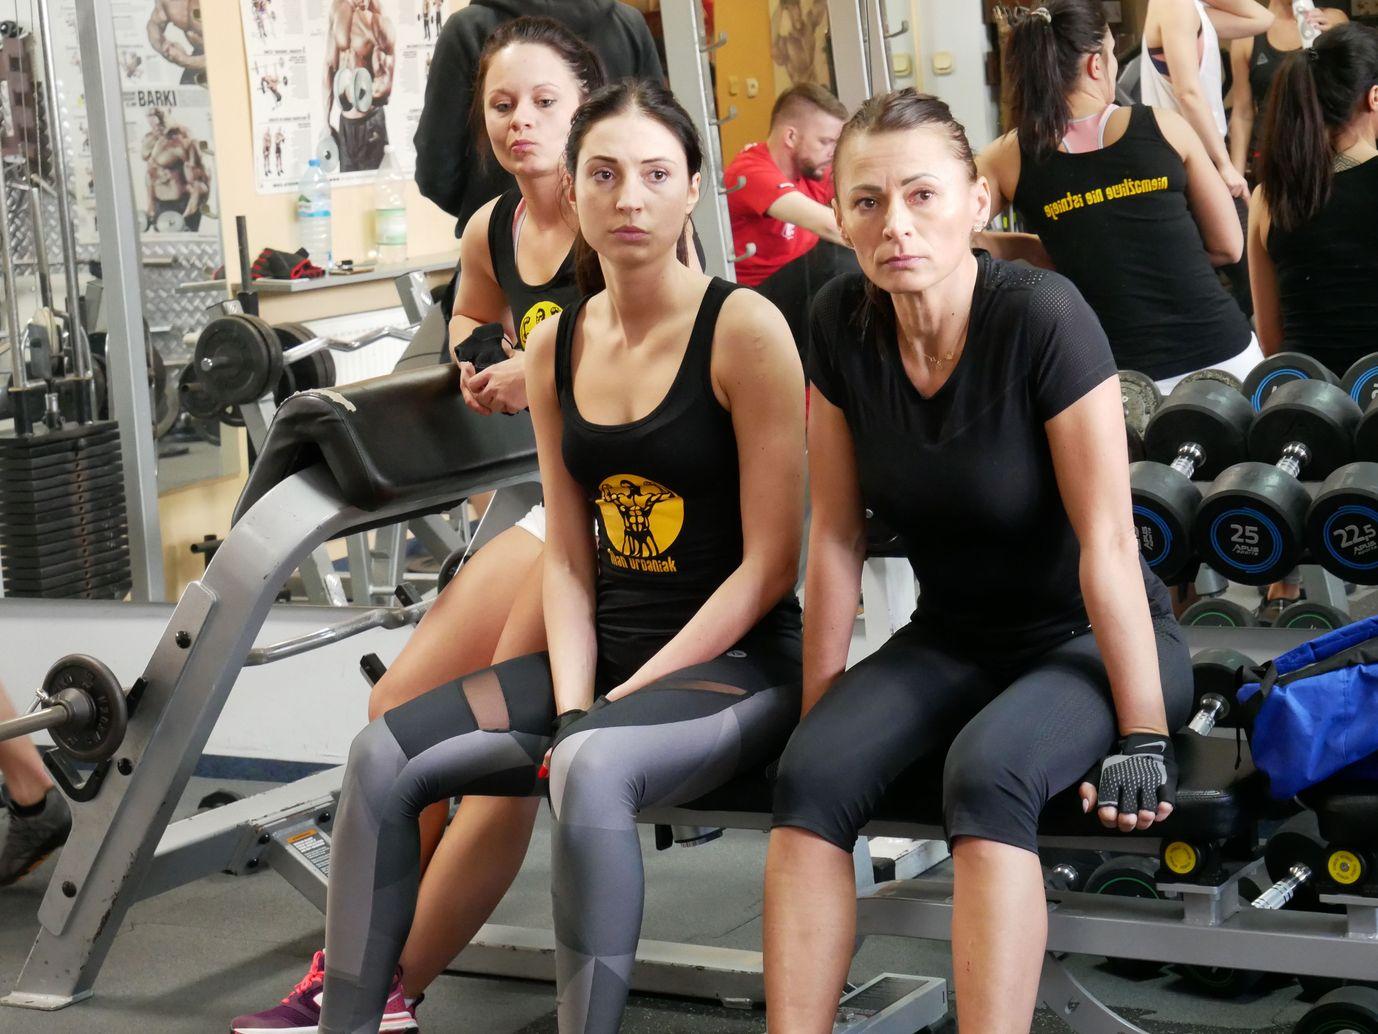 Zawody Martwy Ciąg Pleszew Fitness Klub Active Fit ul. Traugutta 30 siłownia trening personalny 16